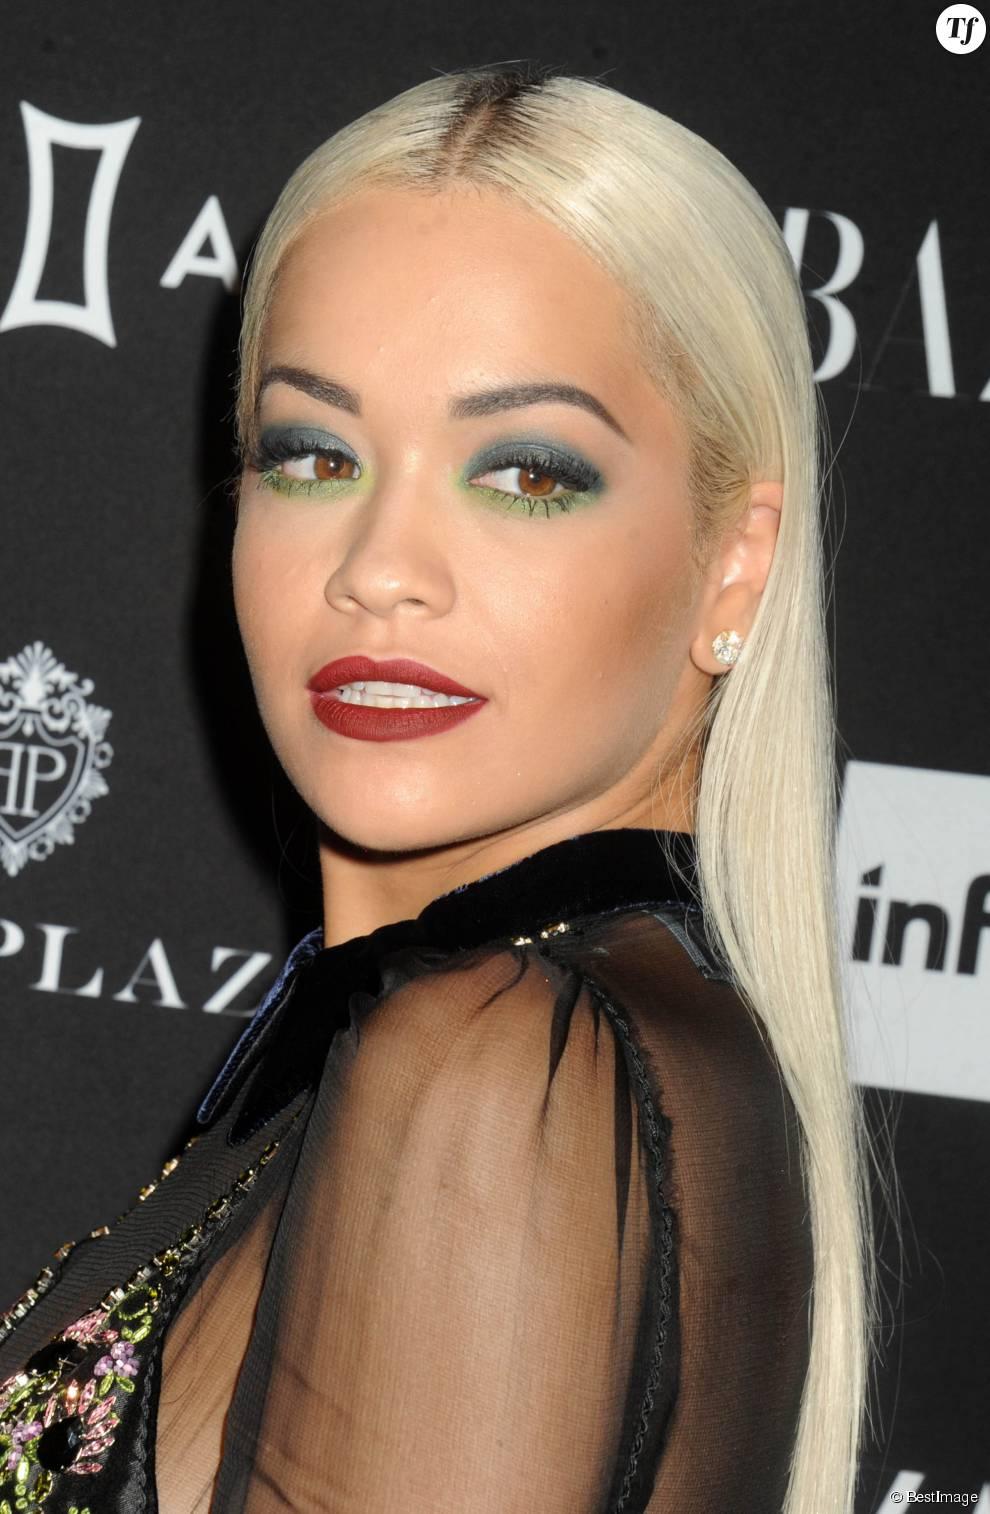 les cheveux blancs s039associent trs bien avec un maquillage charg - Colorer Cheveux Blancs